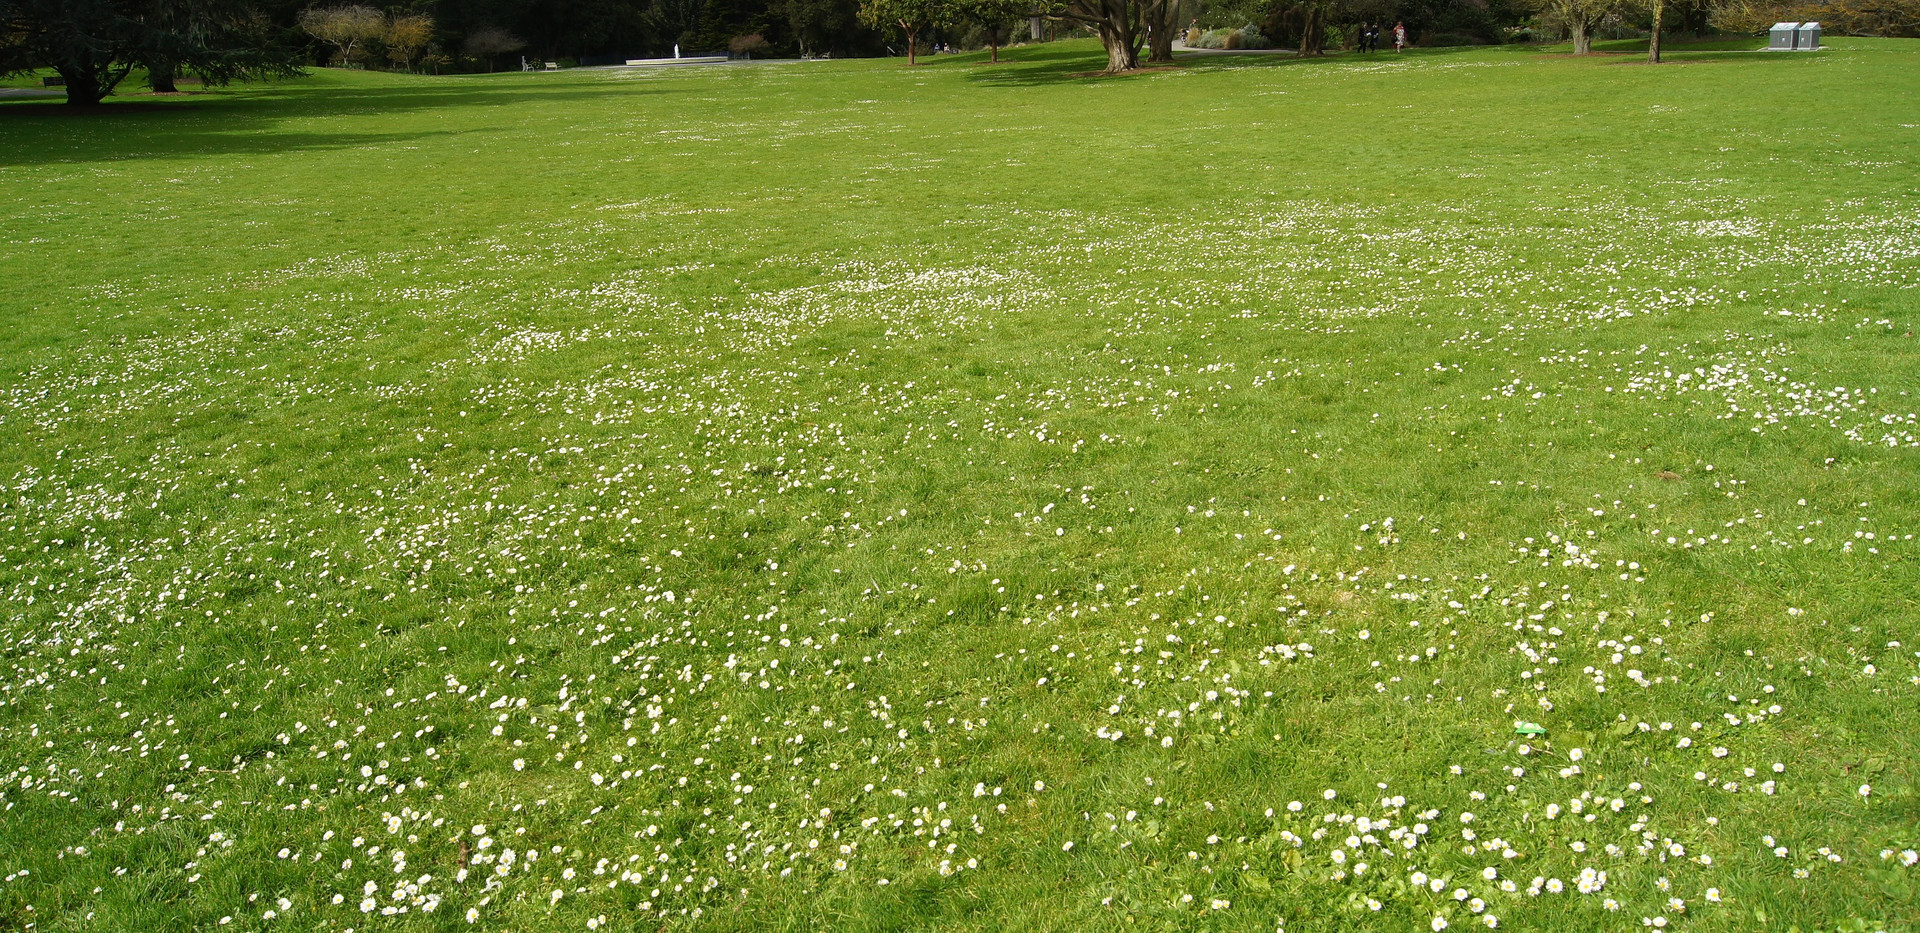 Lawn Daisy 3